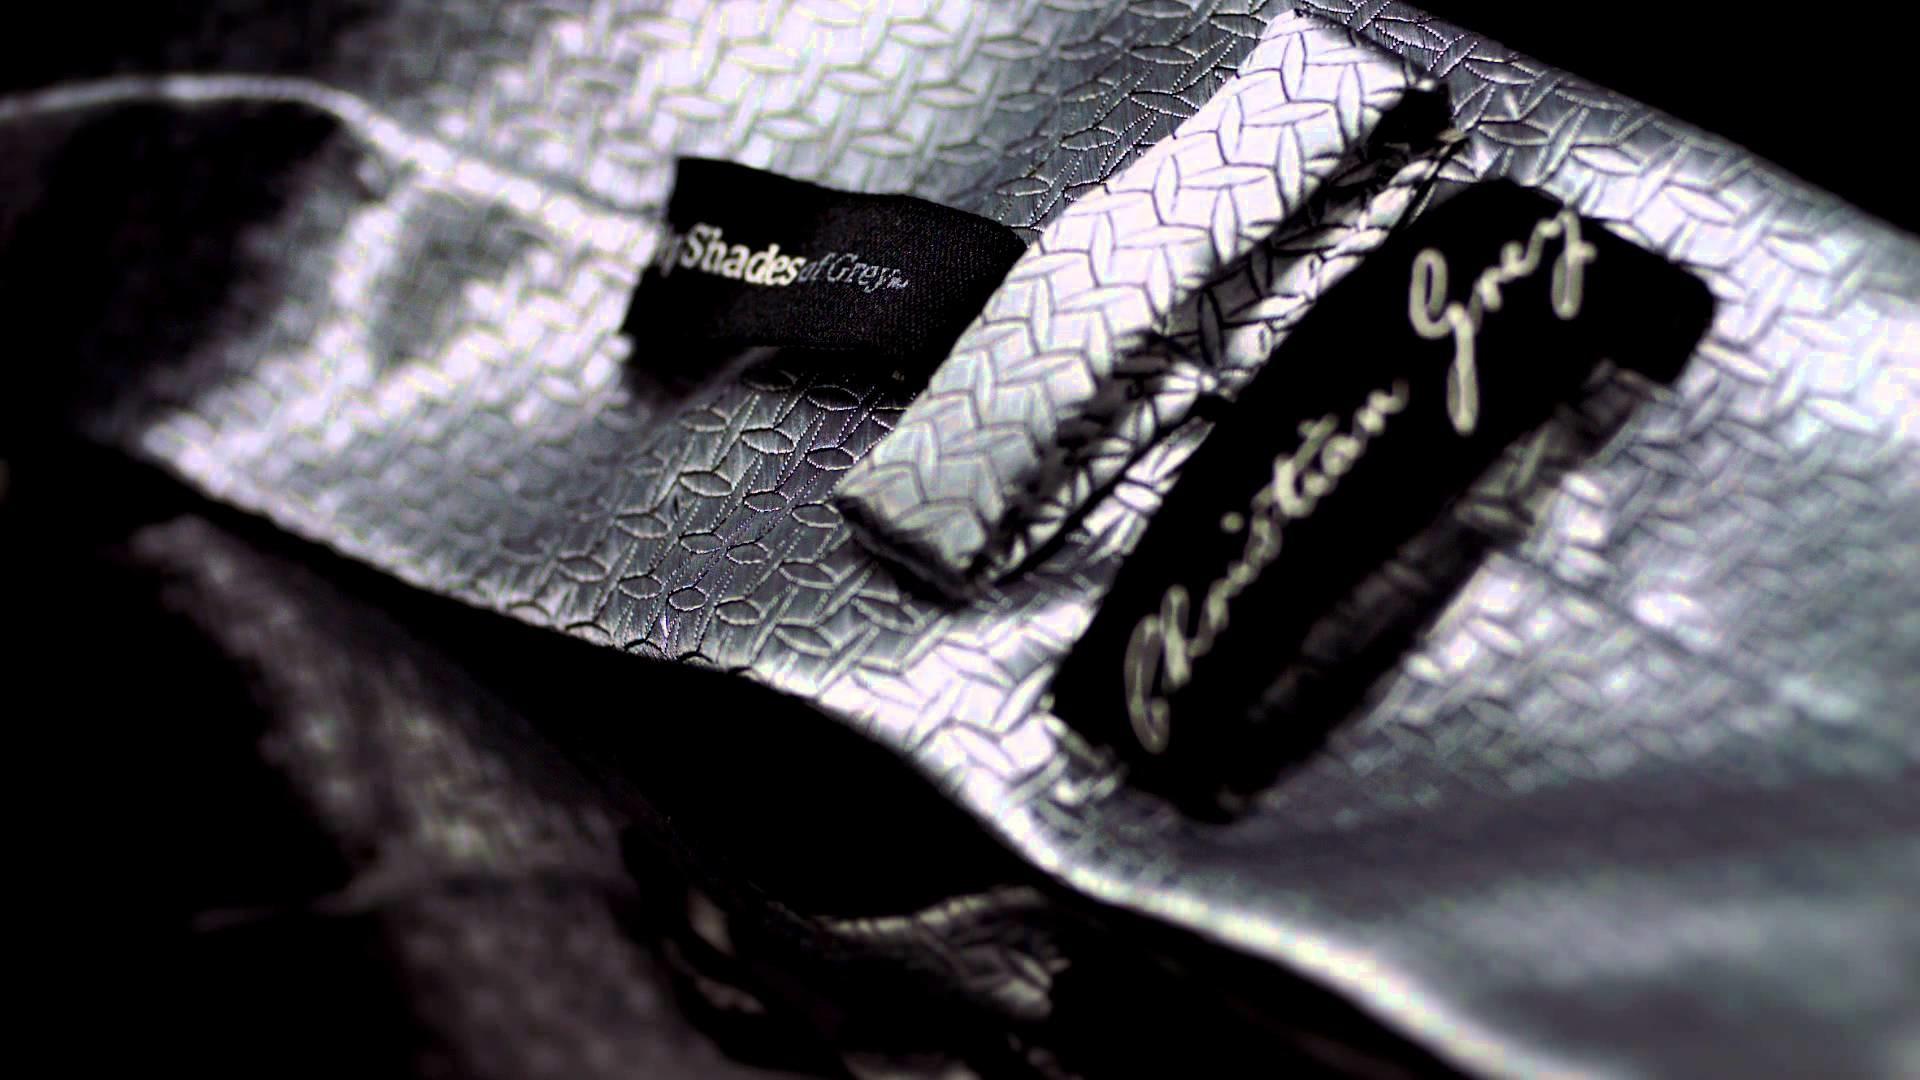 Eldorado Presents Fifty Shades of Grey Christian Grey's Tie